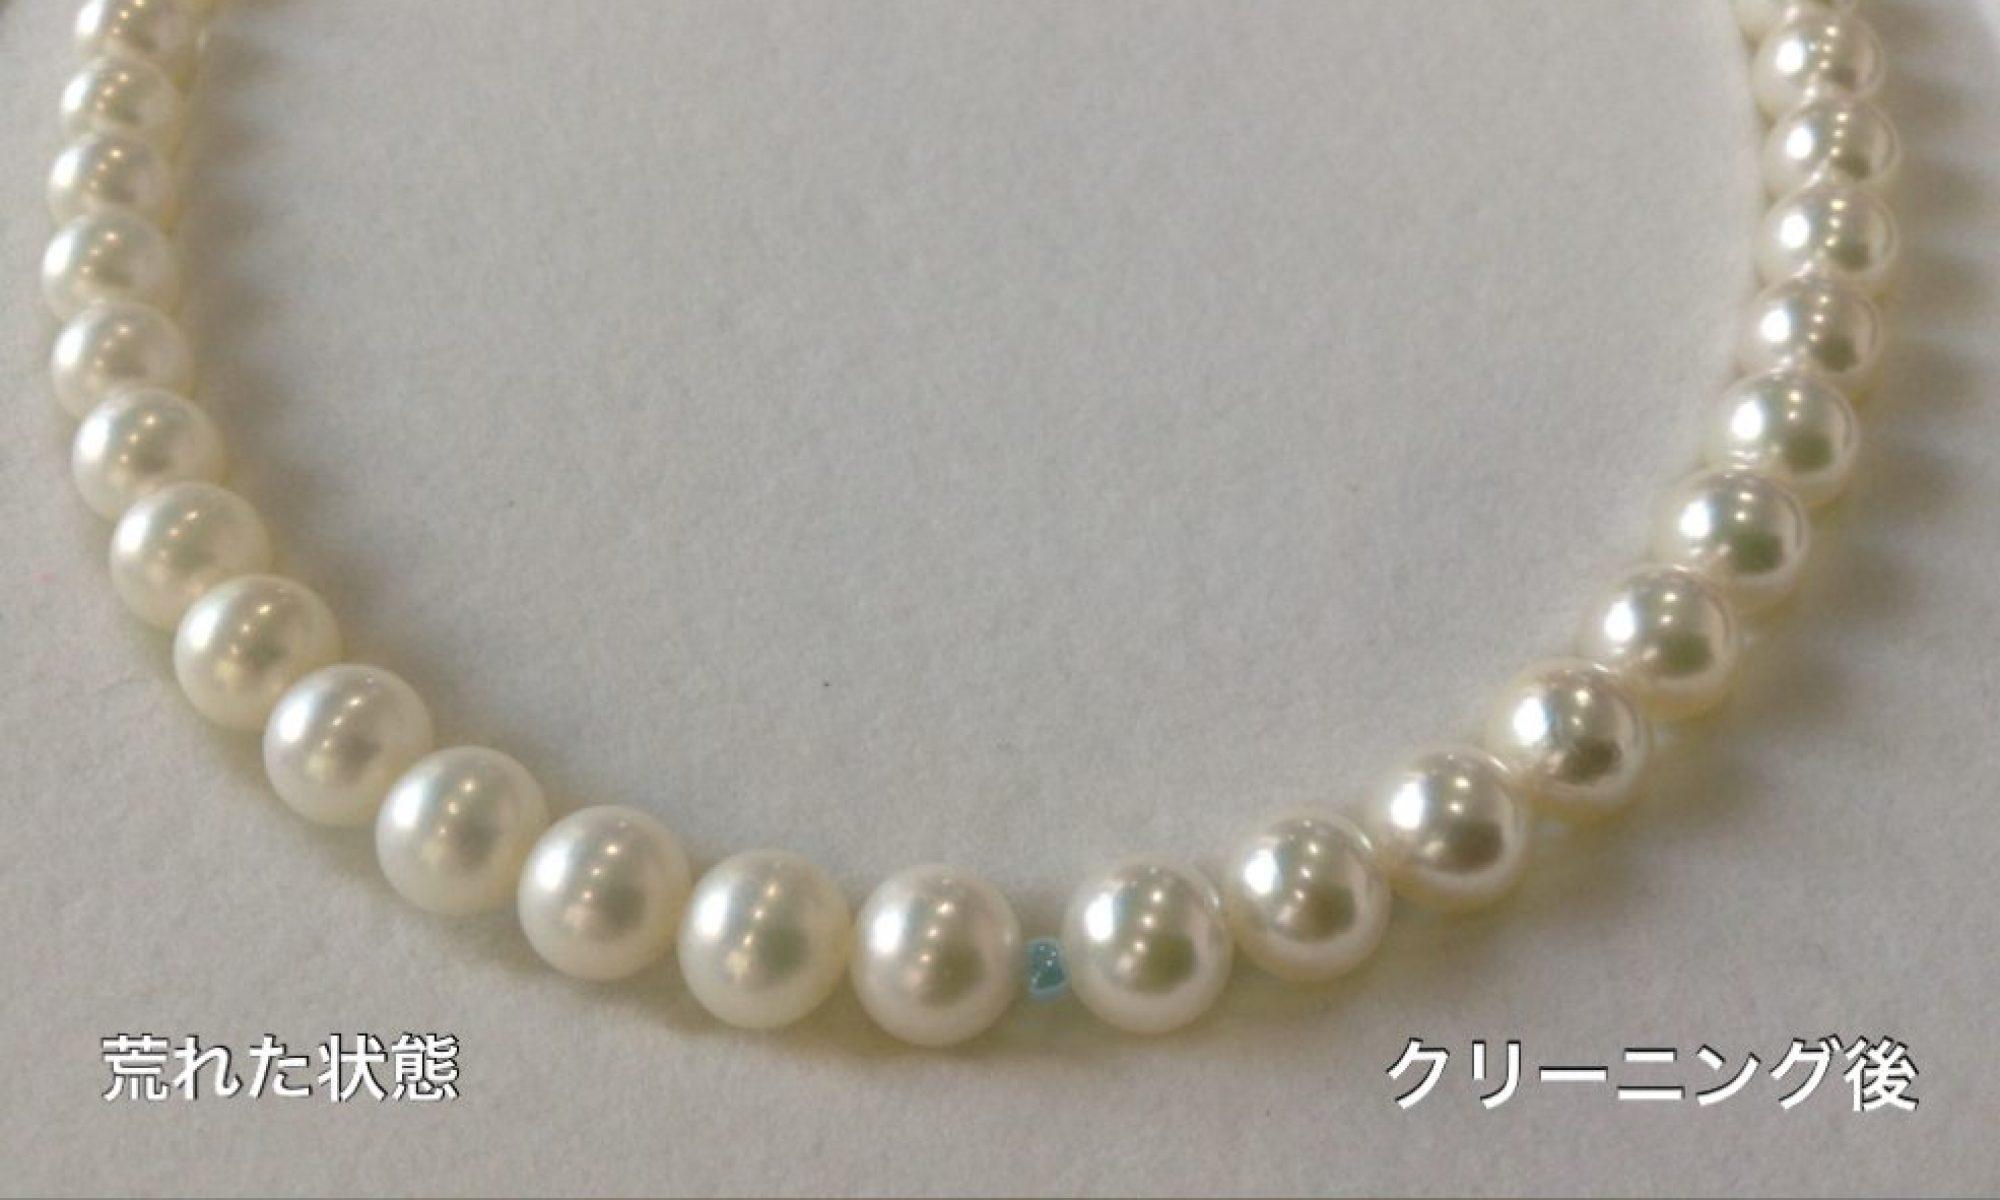 真珠のお手入れ〜②本当のクリーニングのススメ